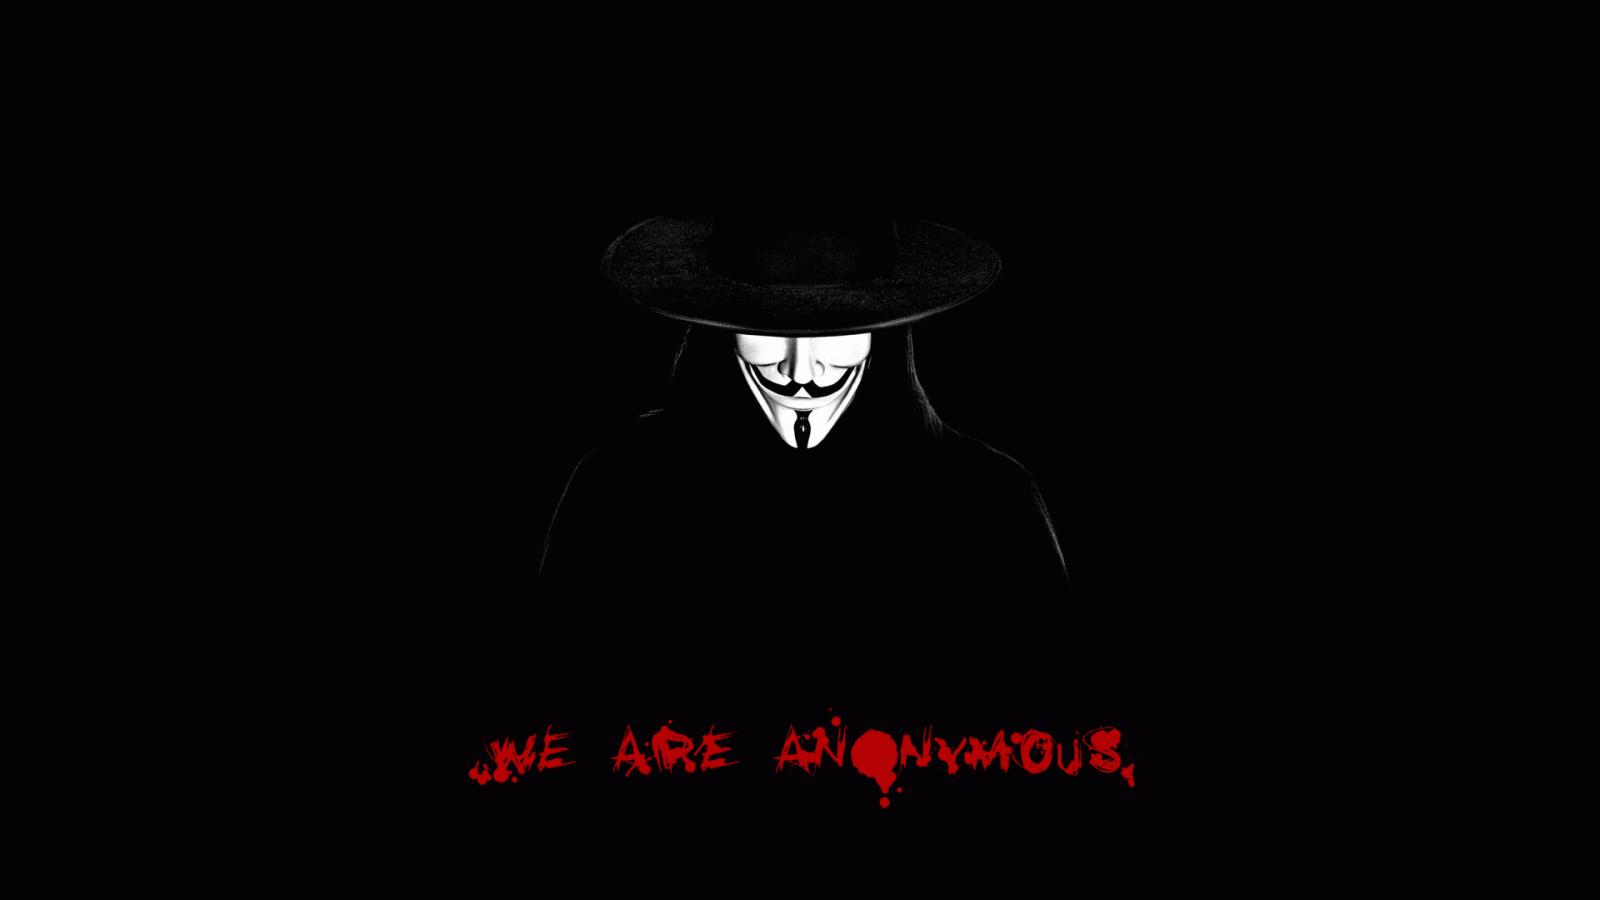 V Vendetta Wallpapers 86 1920x1200 Download Resolutions Desktop 1920x1080 1680x1050 1600x900 1536x864 1440x900 1366x768 1280x1024